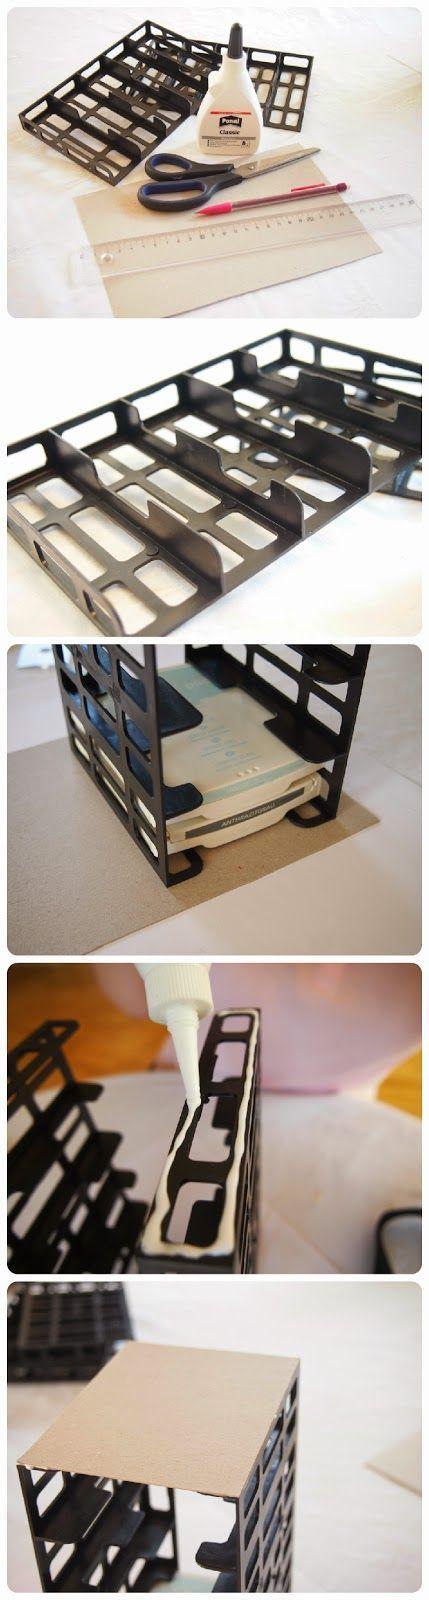 Eine wunderbare Stempelkissenaufbewahrung für Stempelkissen von Stampin´ Up ko …